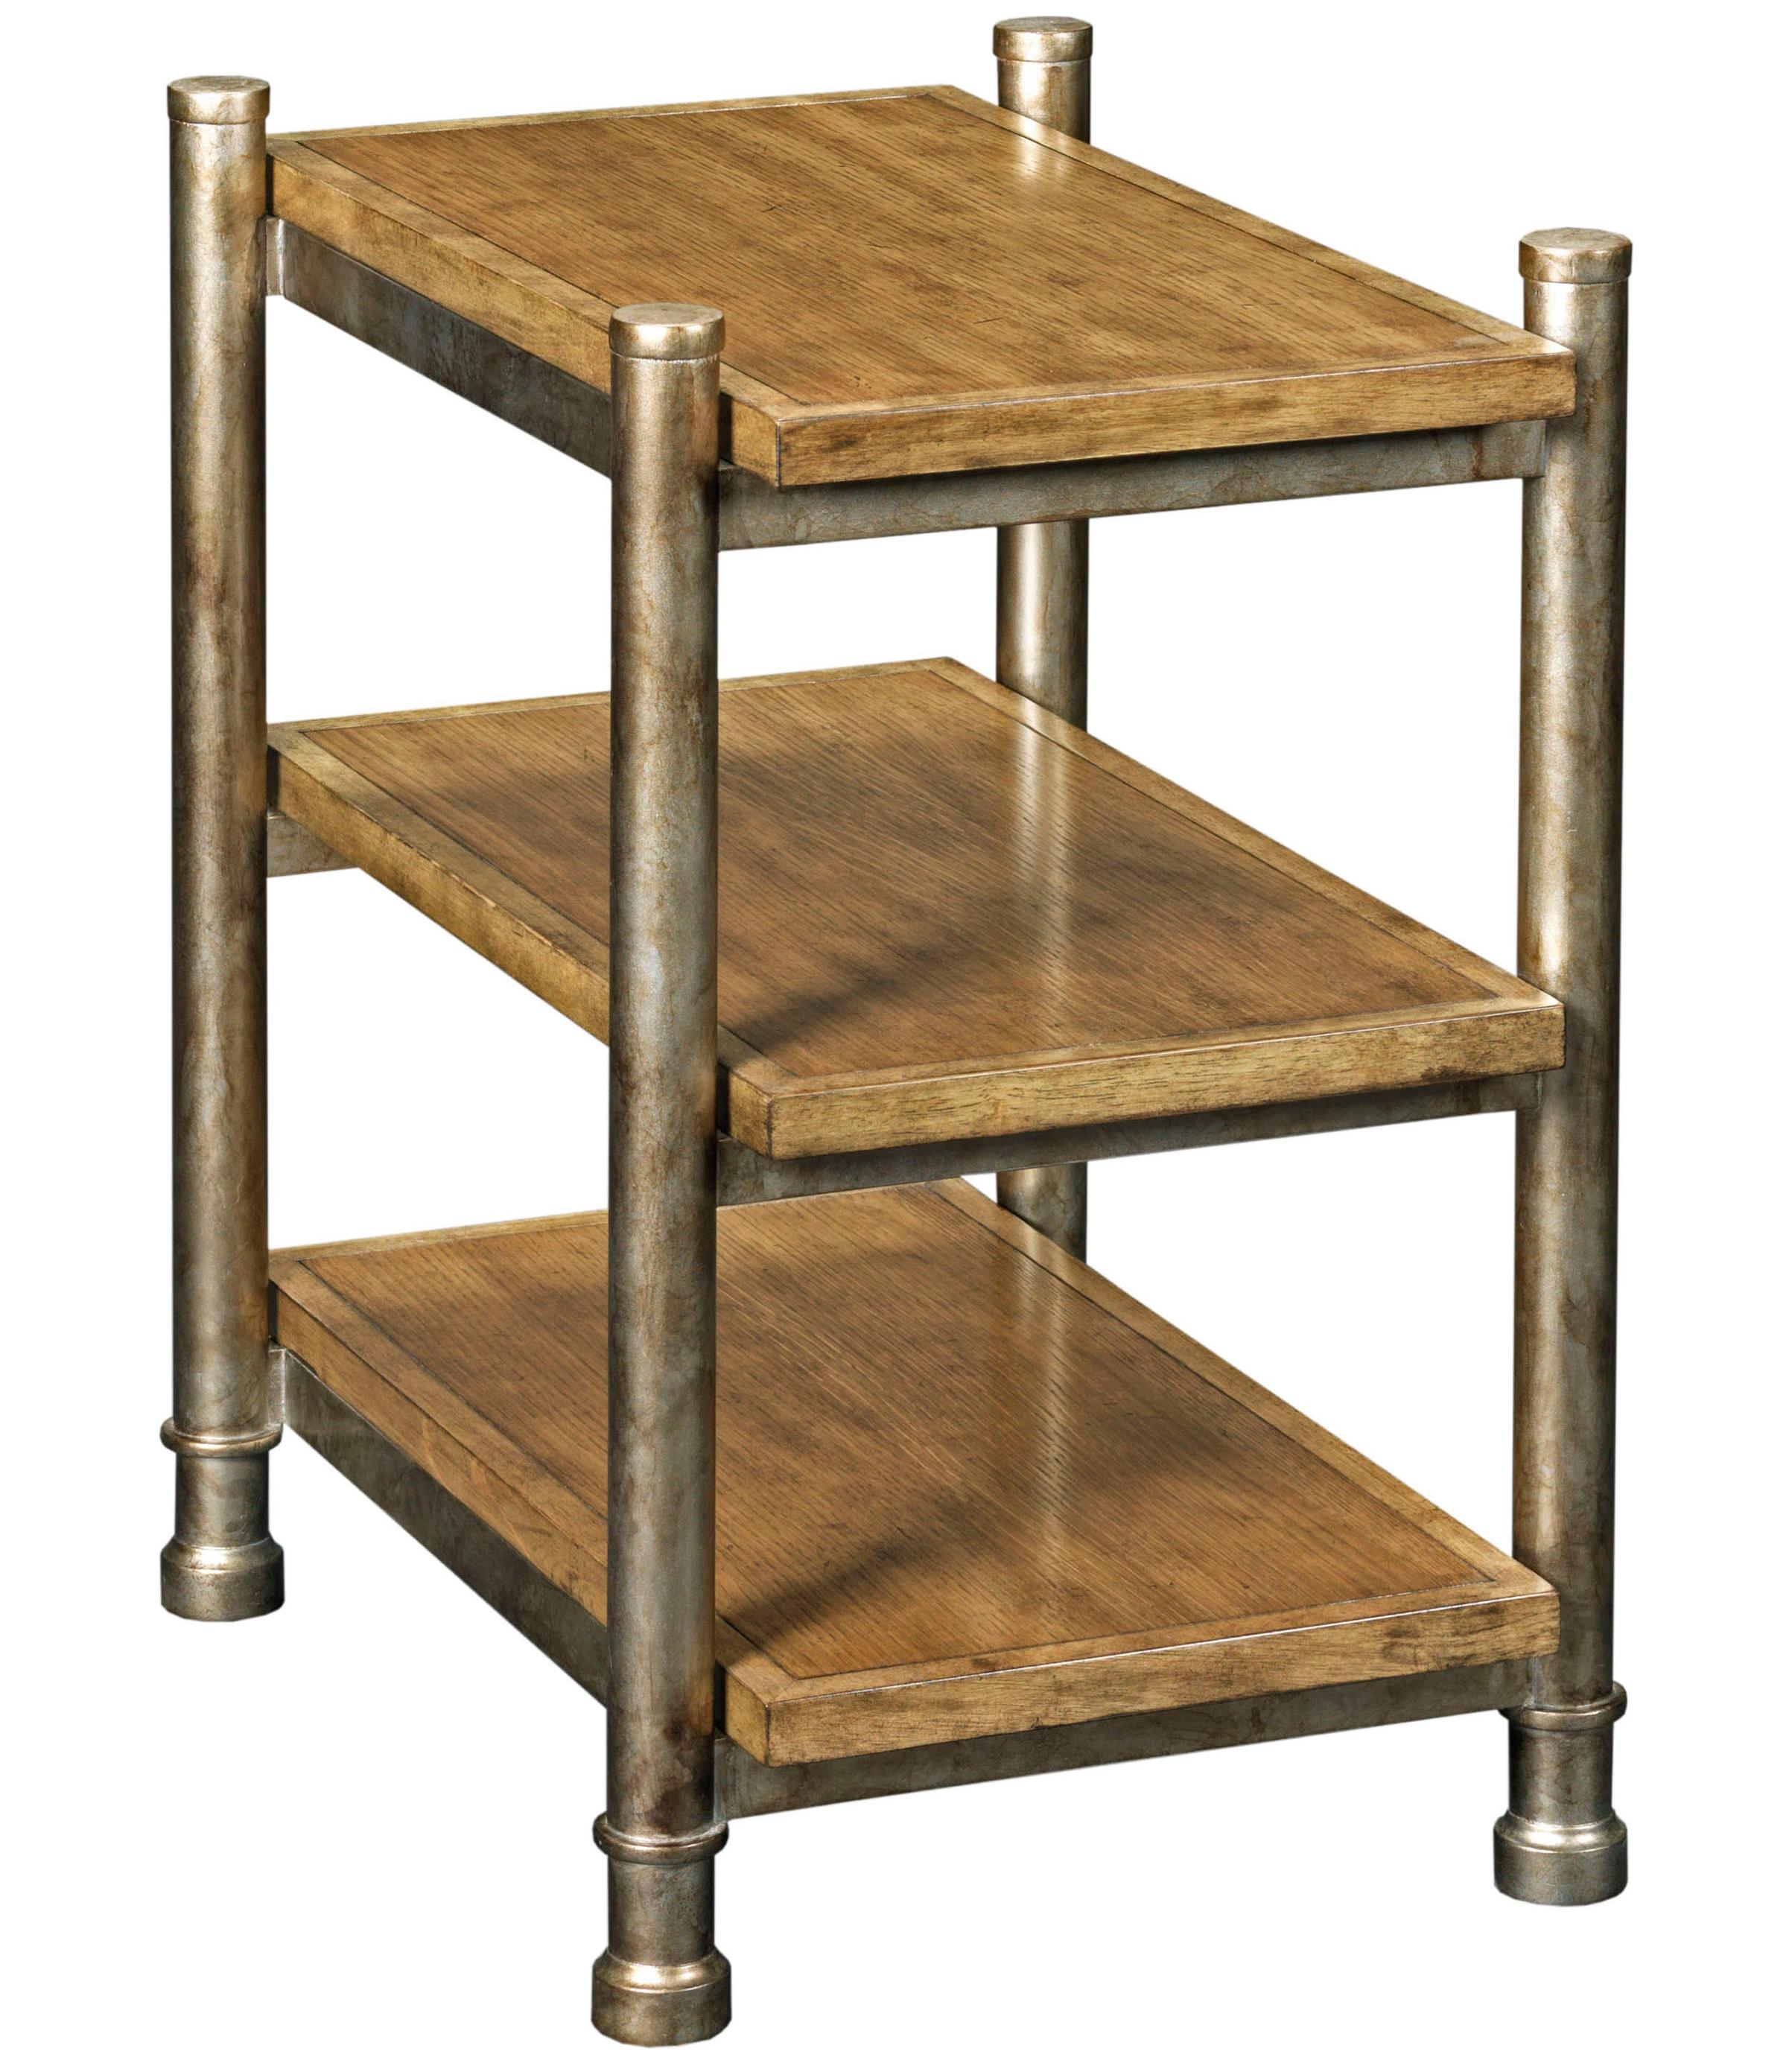 Broyhill Furniture New Vintage Shelf End Table - Item Number: 4808-006